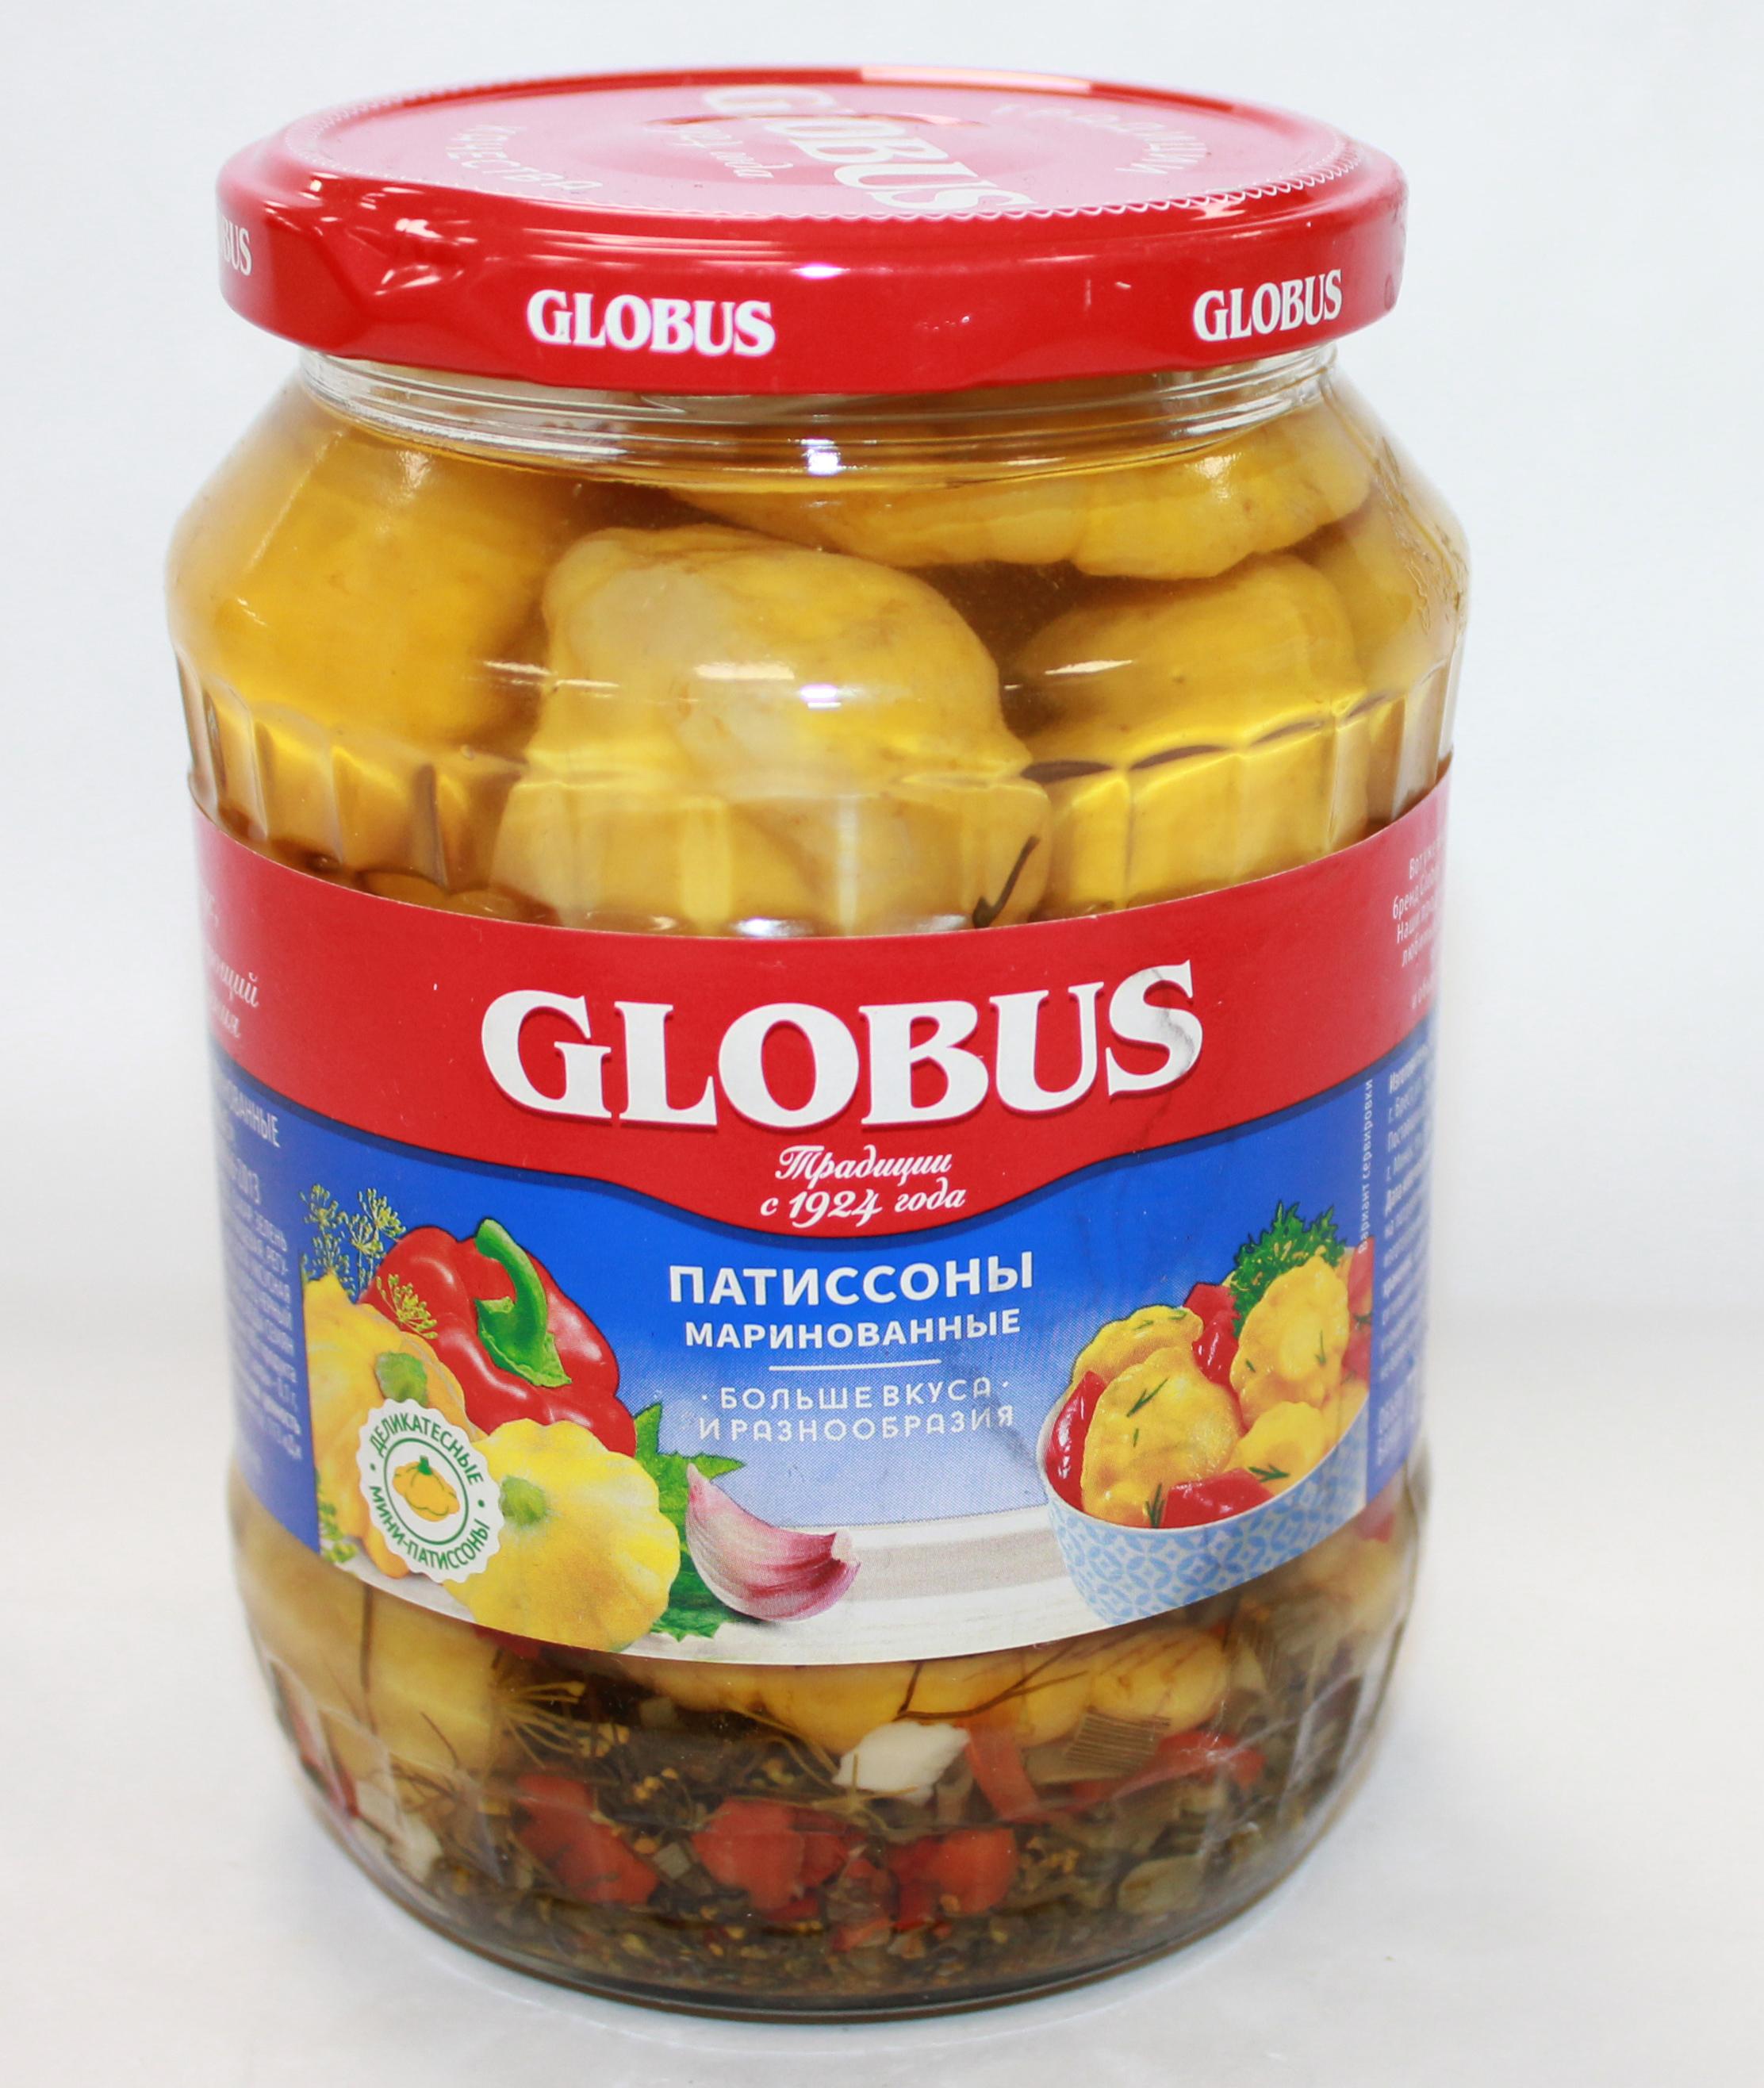 GLOBUS - ПАТИССОНЫ GLOBUS 680гр МАРИНОВАННЫЕ 3435649855419